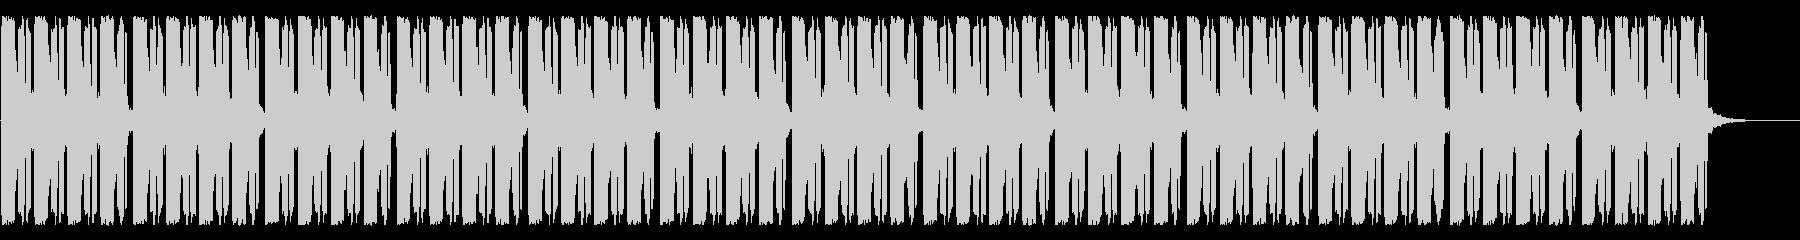 フリースタイル、バトル用ビートの未再生の波形